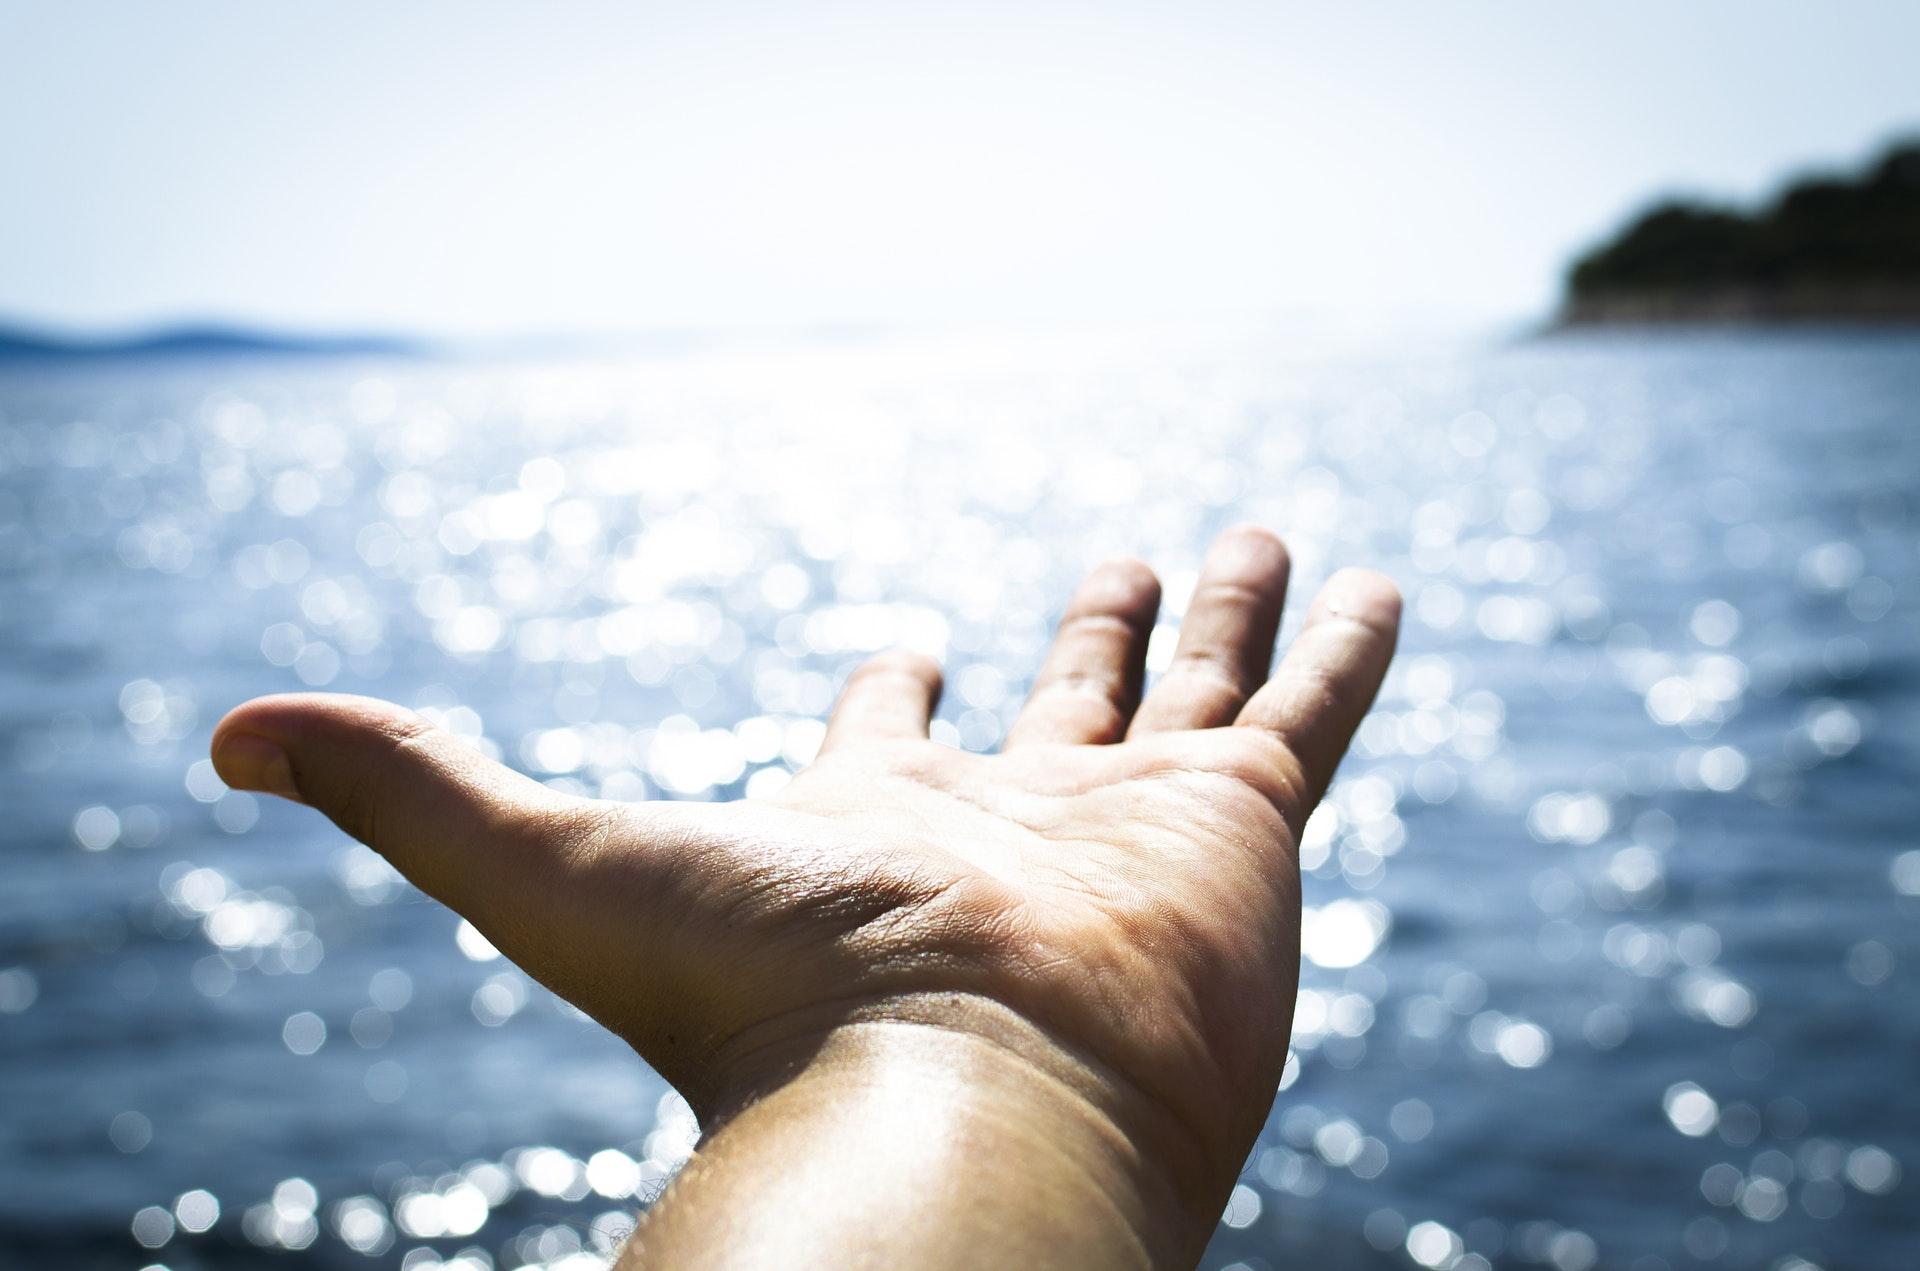 marc-miro-transformacion--liderazgo-desarrollo-personal-coaching-metas-exito-blog-161